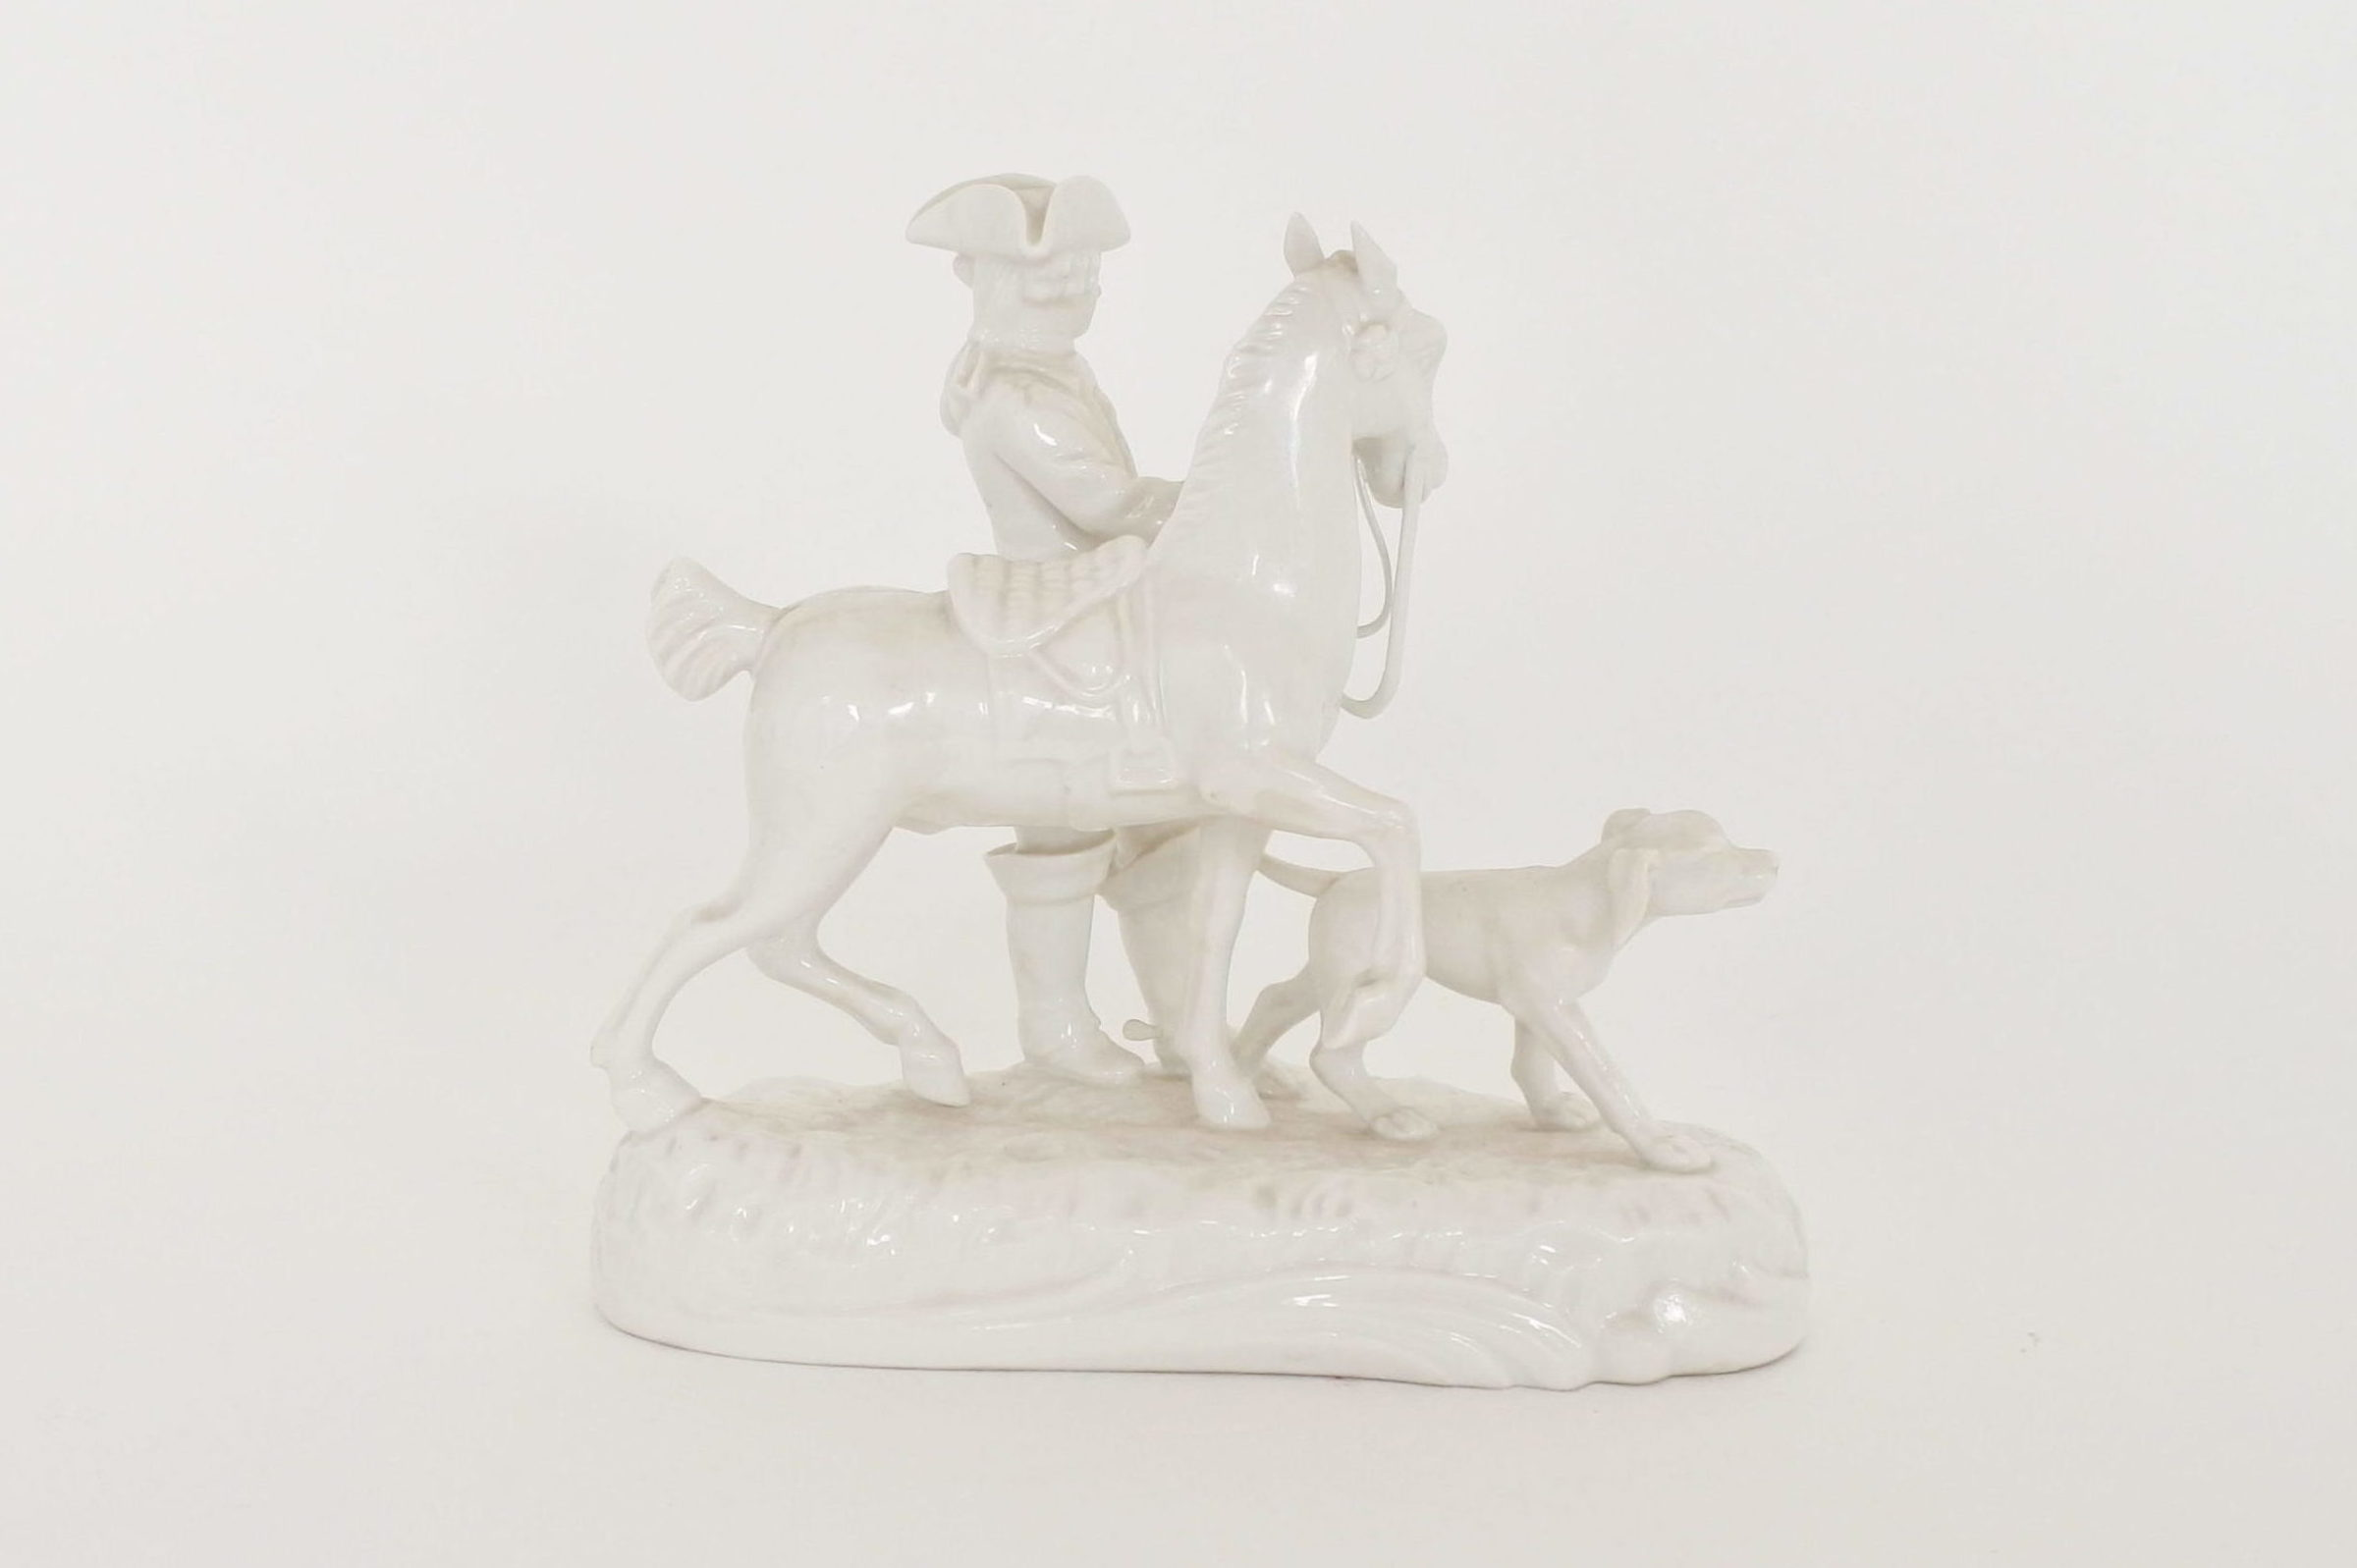 Statuina in porcellana bianca con cavaliere cavallo e cane - 3